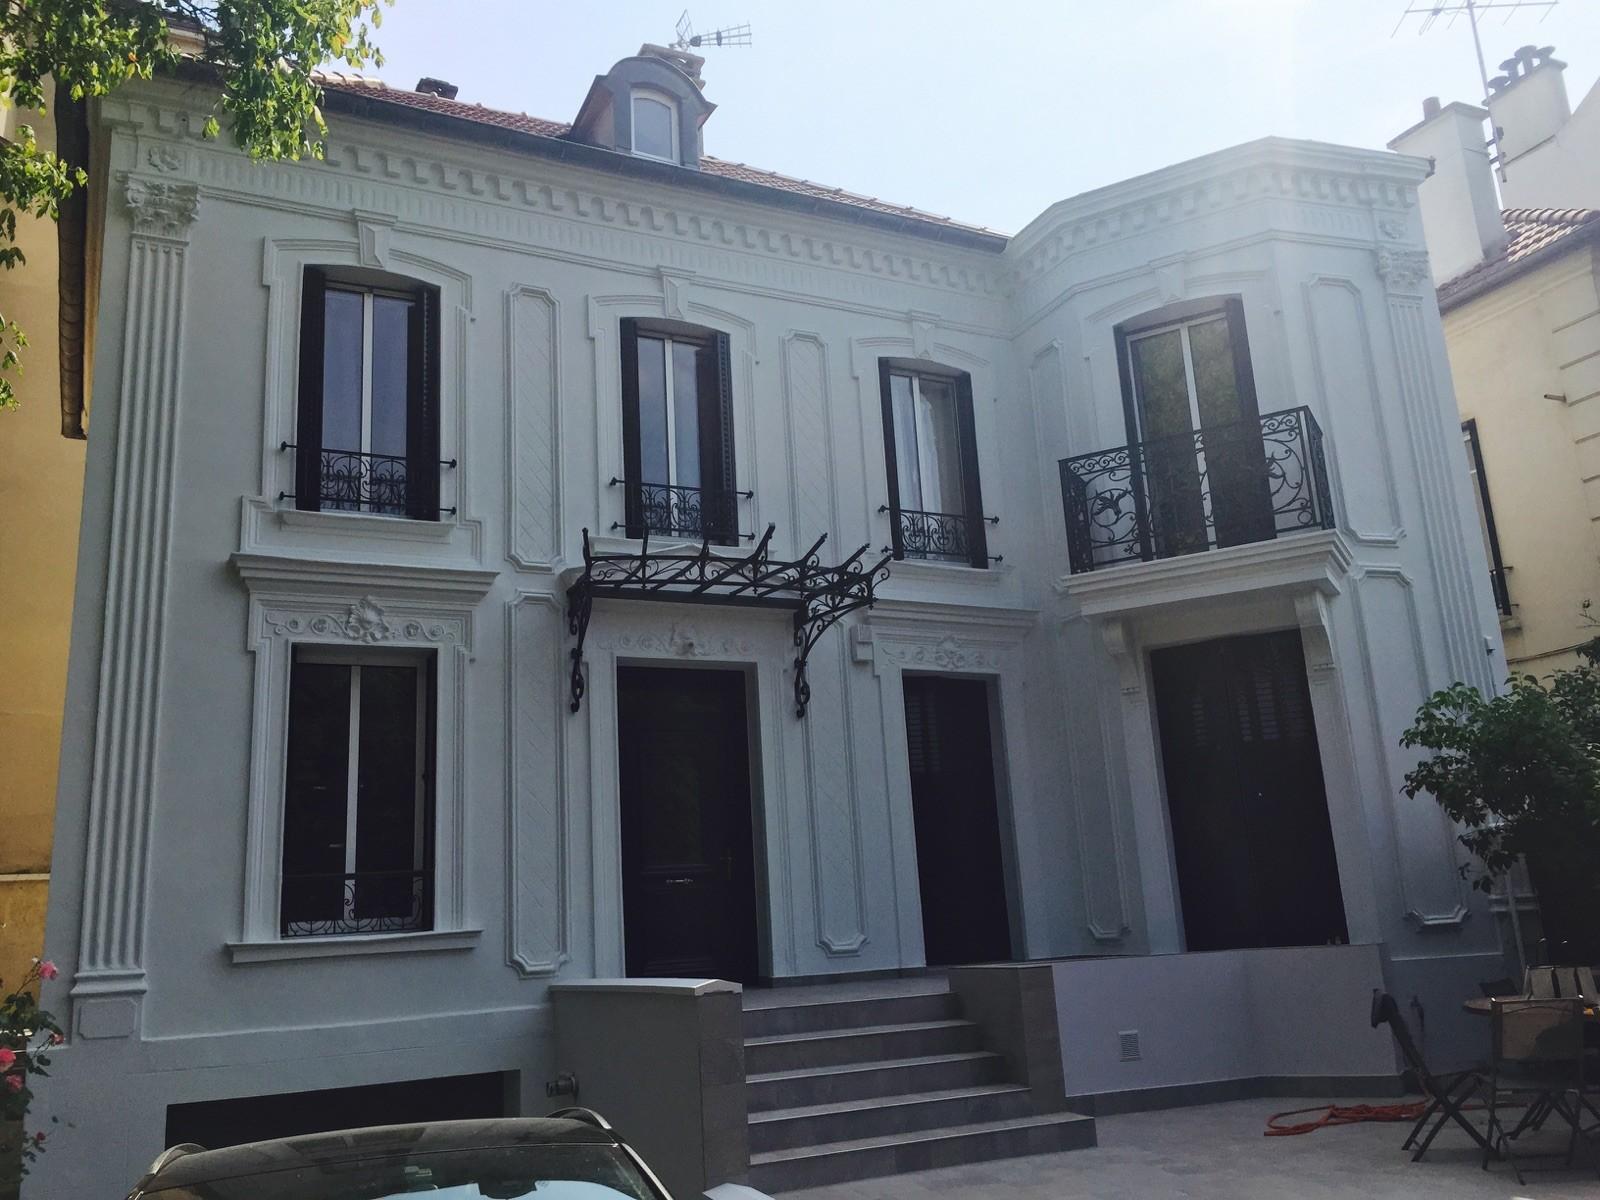 Chambre louer au sein d 39 une maison de 200m2 location chambres paris - Chambre a louer paris etudiant ...